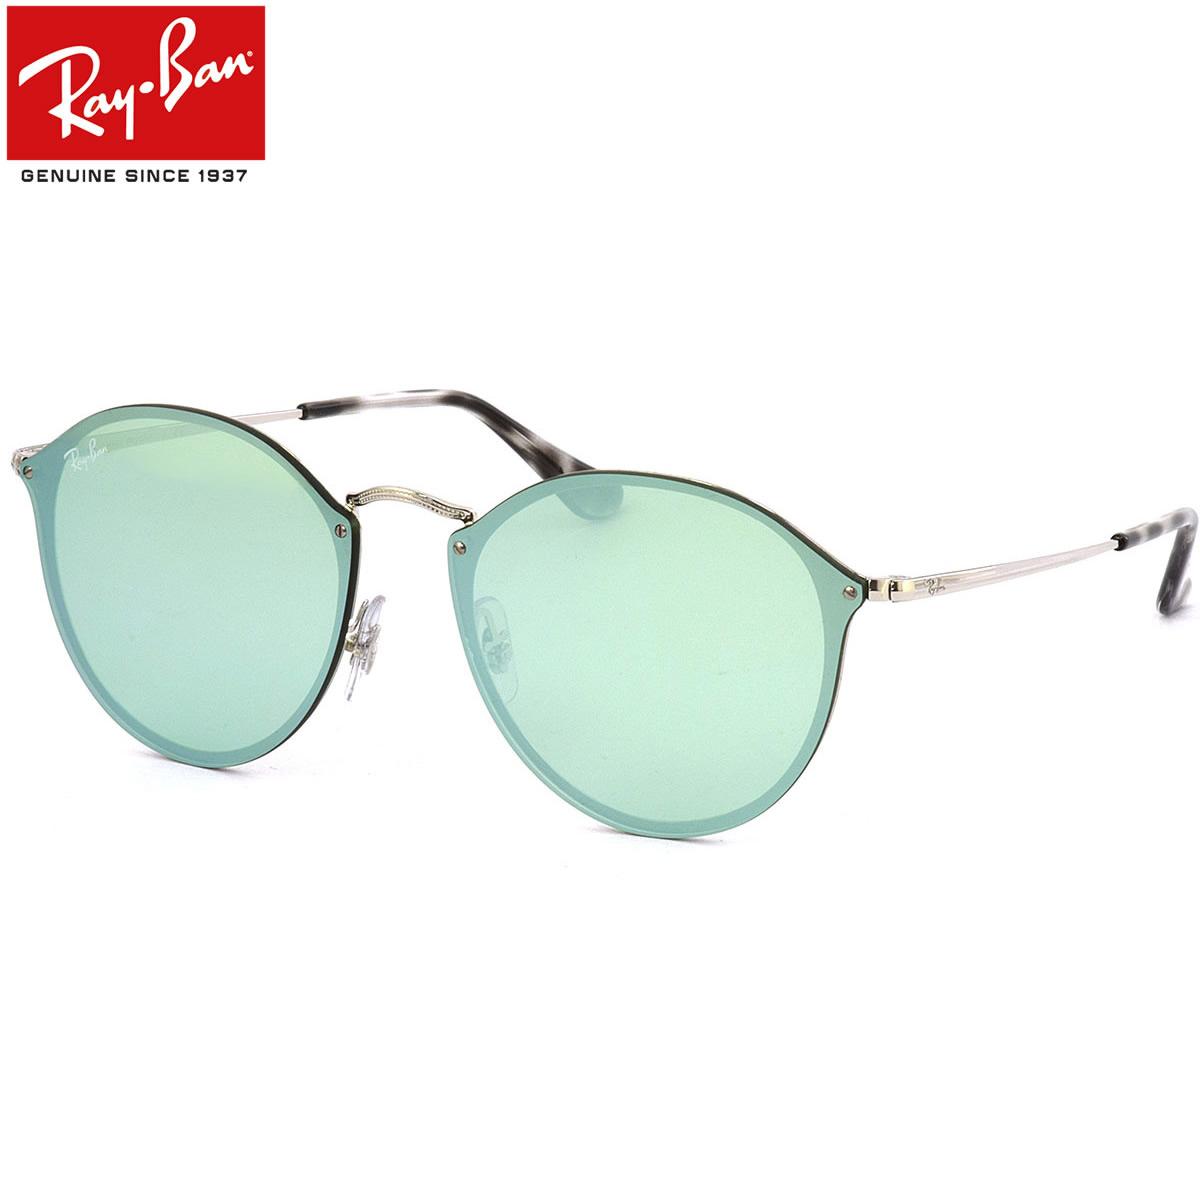 レイバン サングラス ミラー ブレイズ ラウンド Ray-Ban RB3574N 003/30 59サイズ レイバン RAYBAN BLAZE ROUND FLASH LENSES 00330 フラットレンズ べっ甲 べっこう メンズ レディース